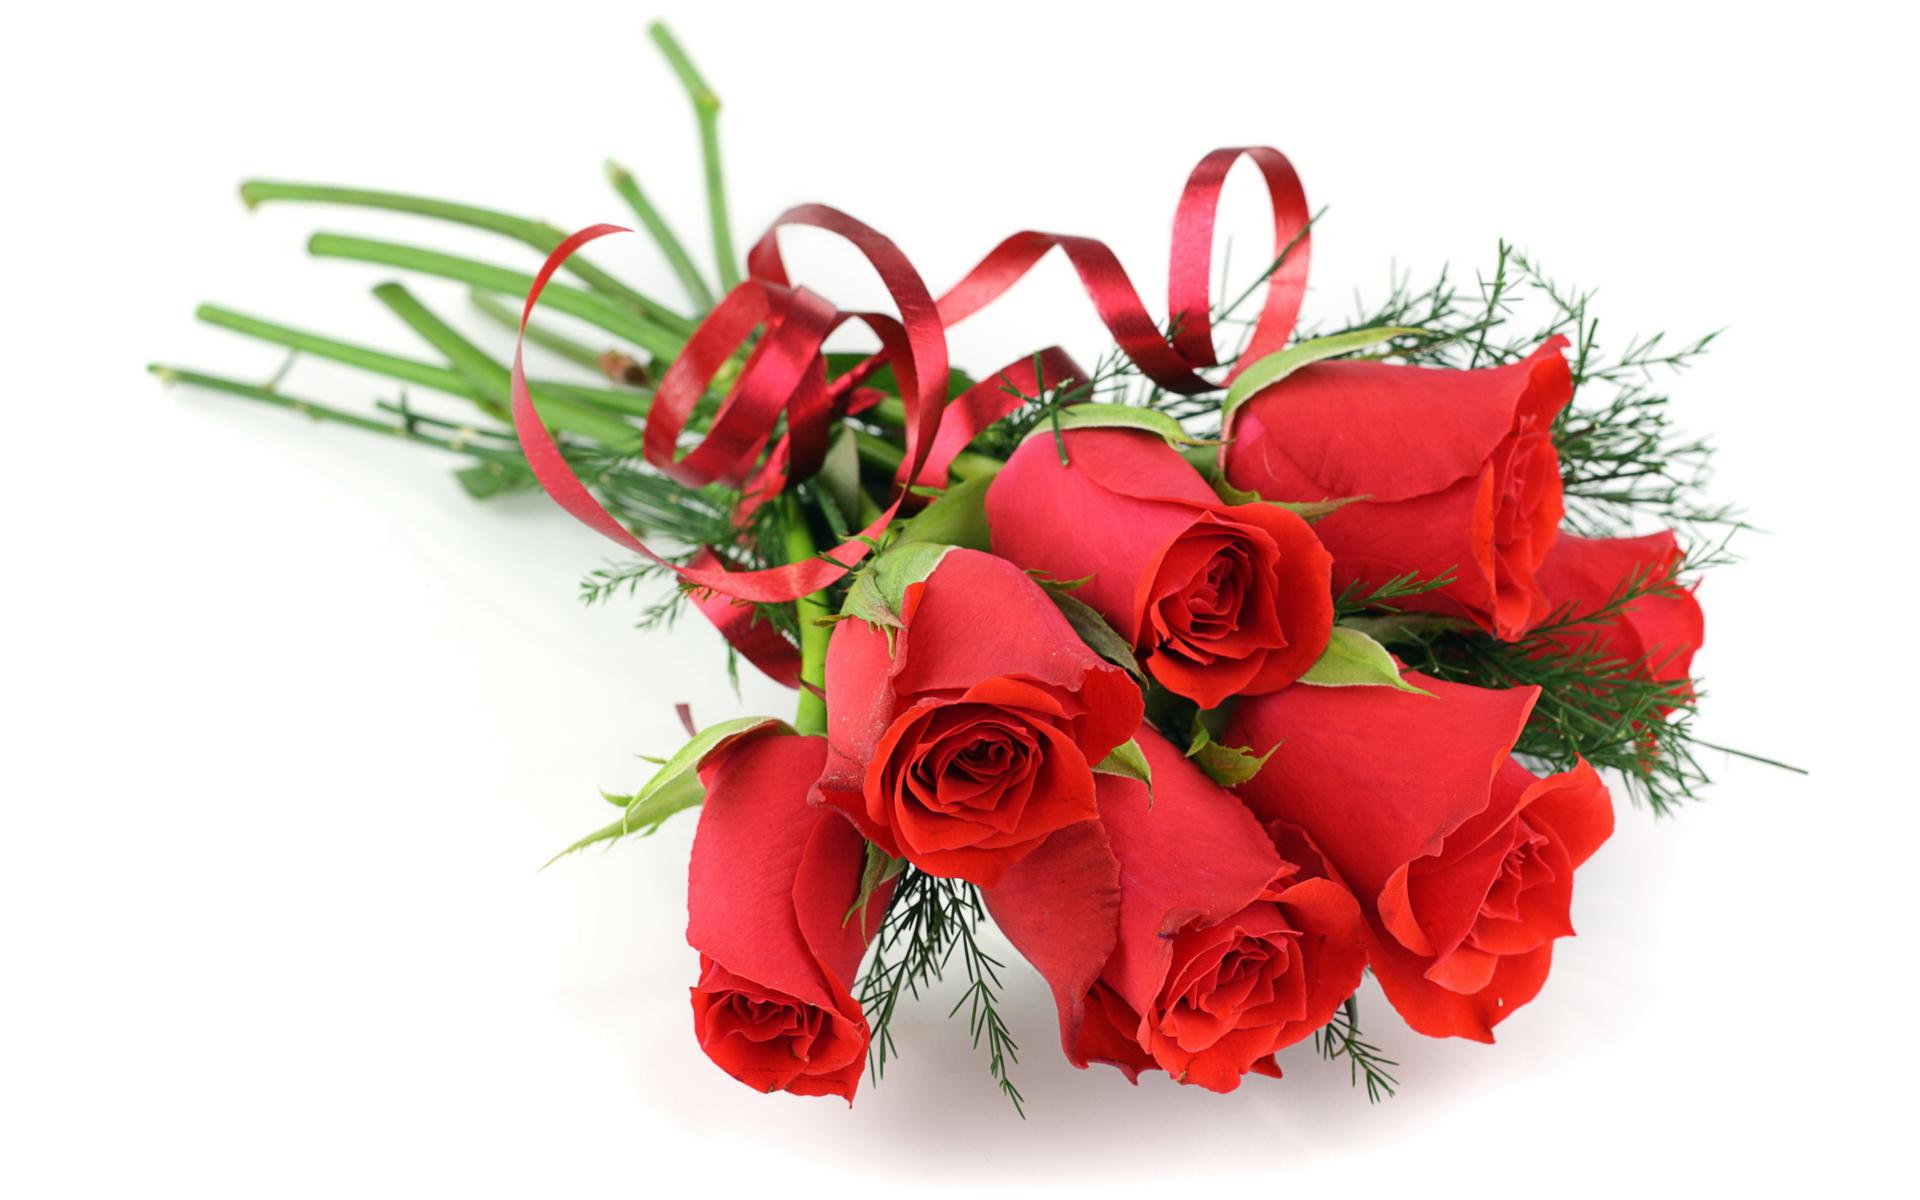 http://www.radionetplus.ru/uploads/posts/2013-03/1363851293_krasivye-kartinki-na-rabochiy-stol-cvety-43.jpg